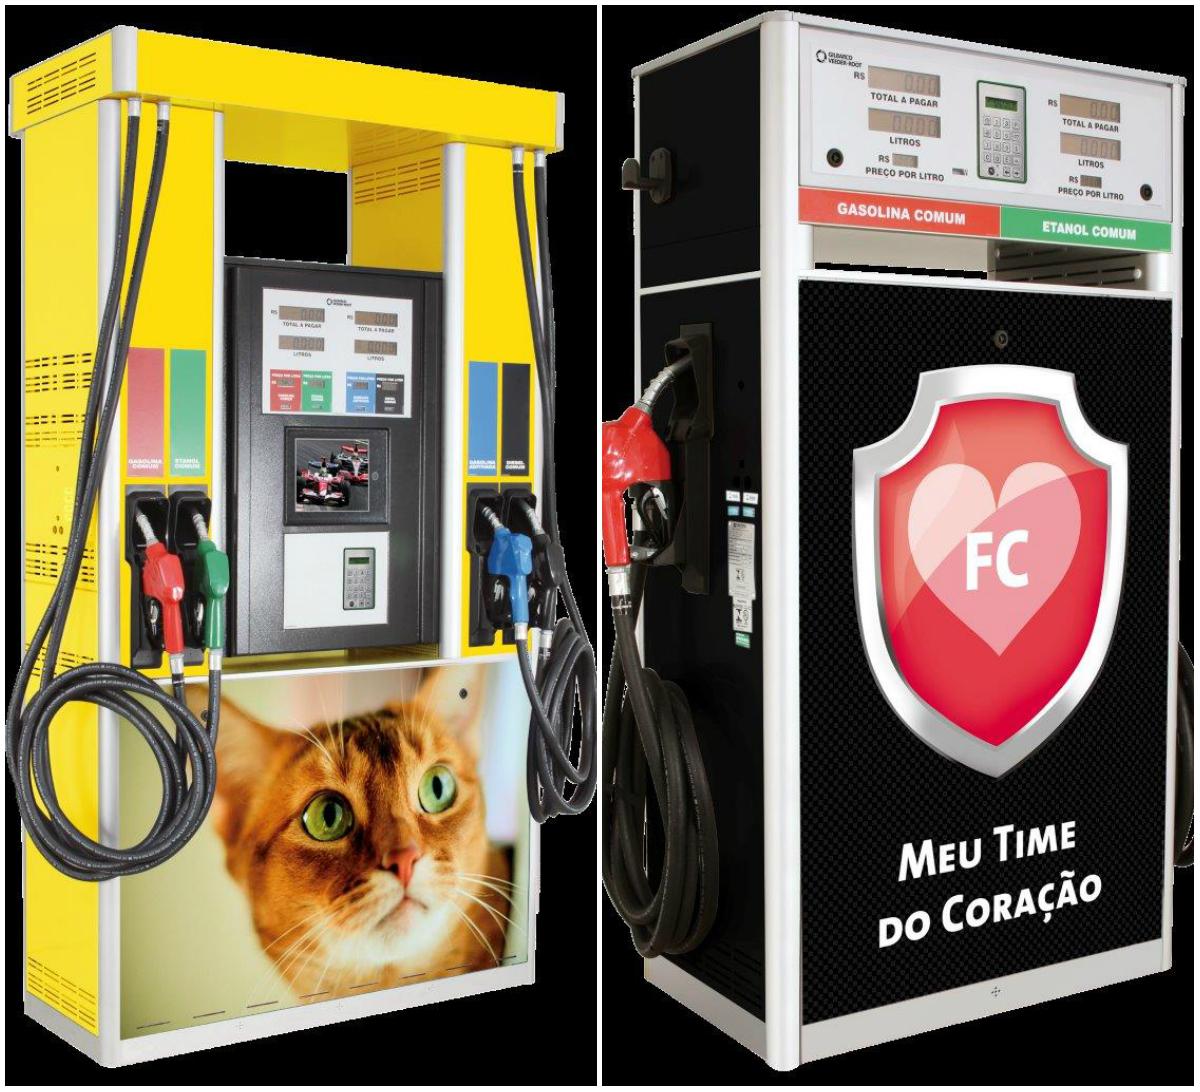 Aproveitar os equipamentos como espaço publicitário pode ser uma boa iniciativa. Foto: Divulgação